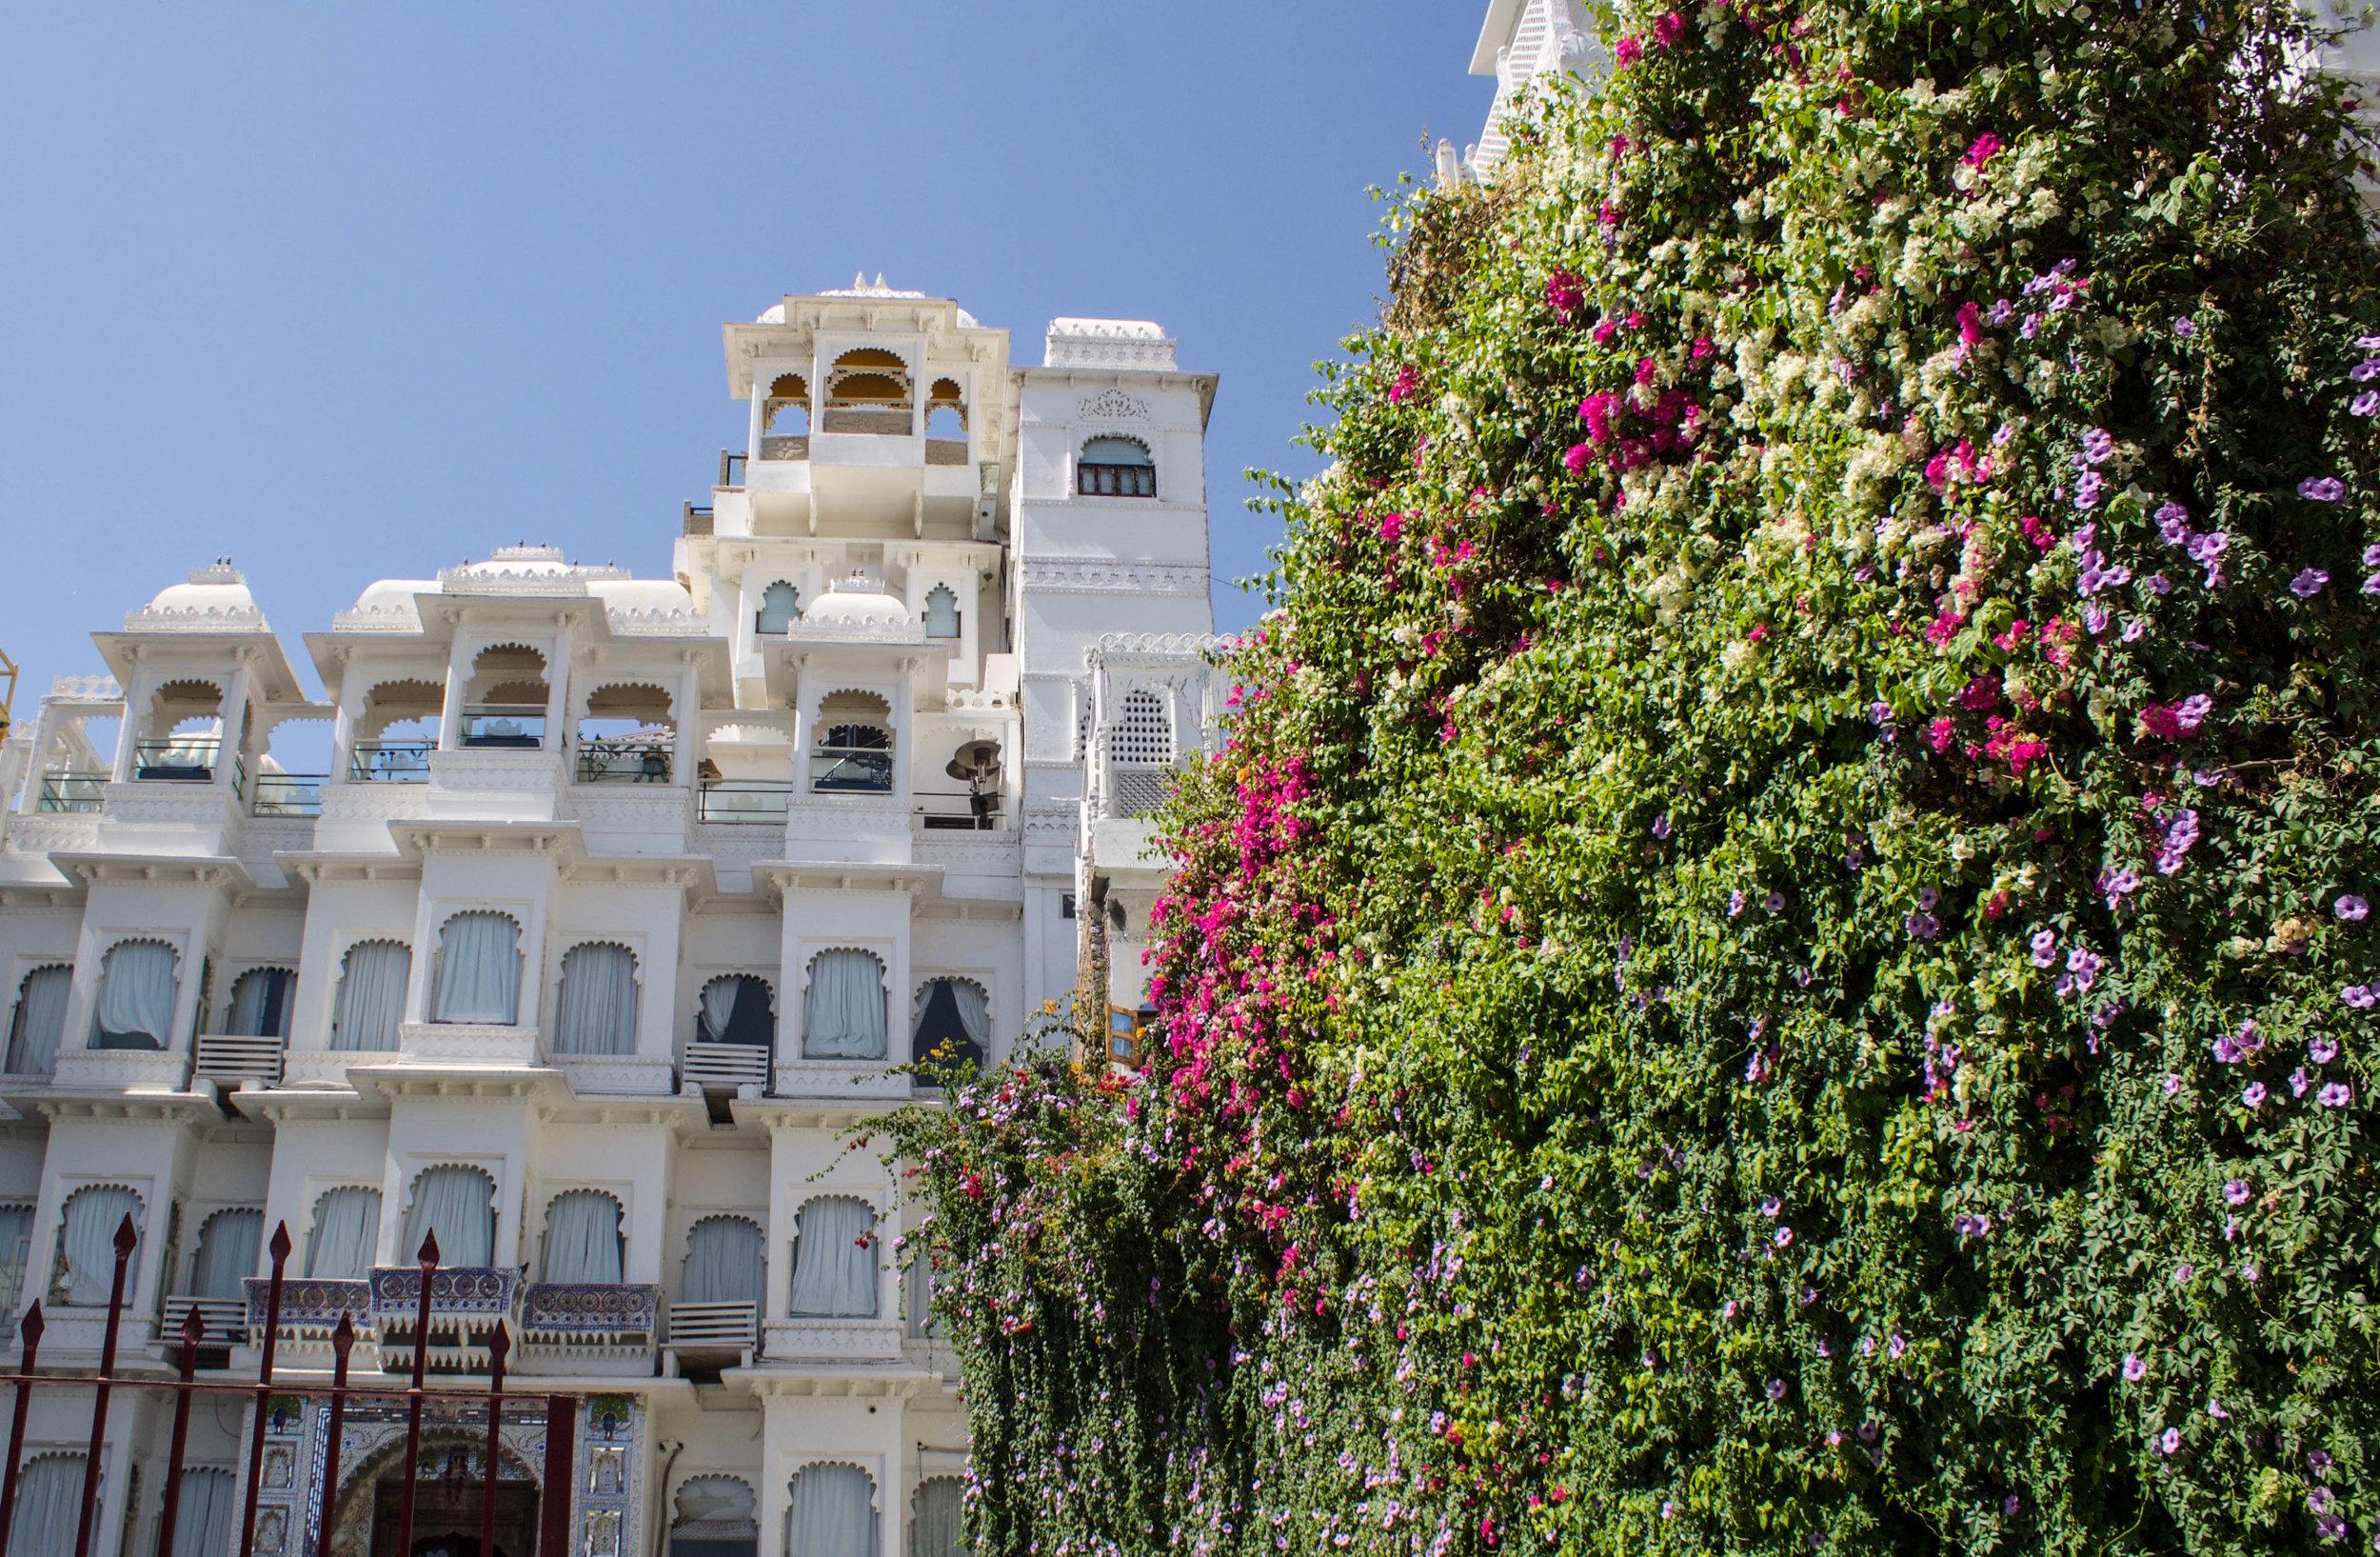 udaipur-india.jpg